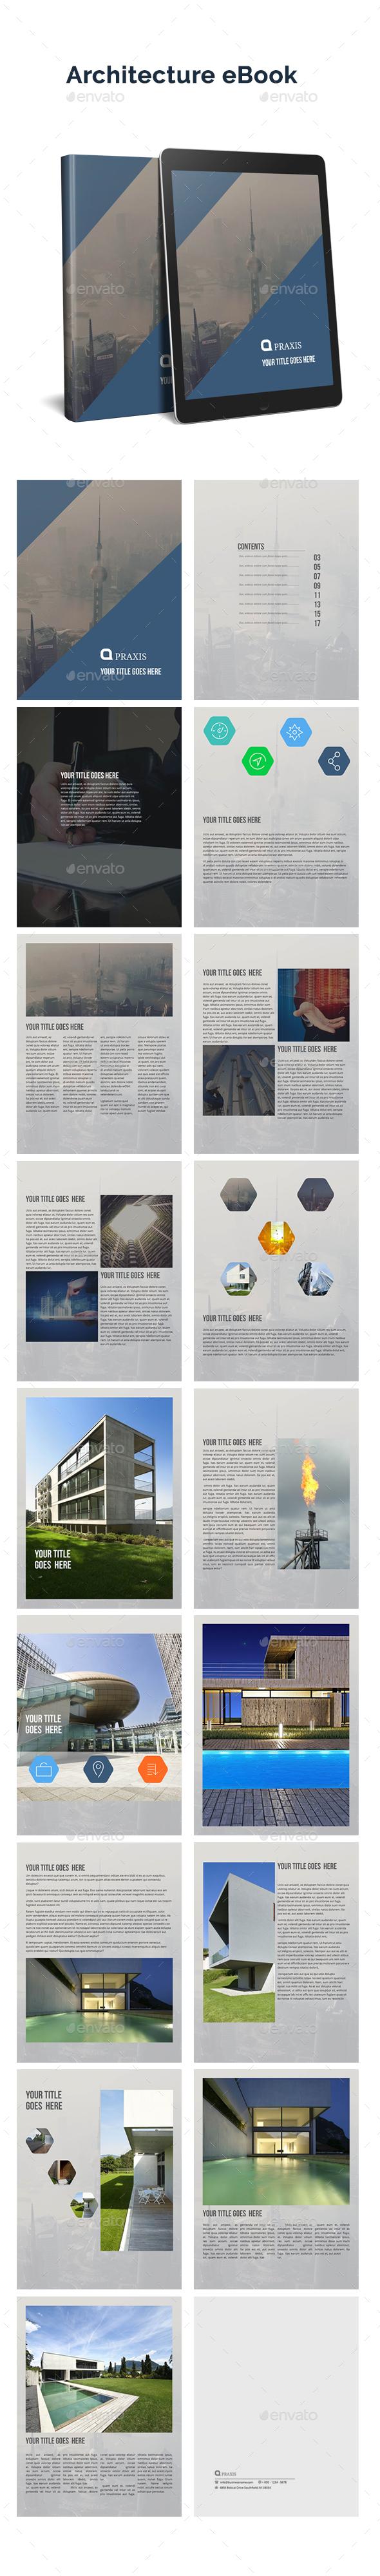 Architecture eBook - ePublishing